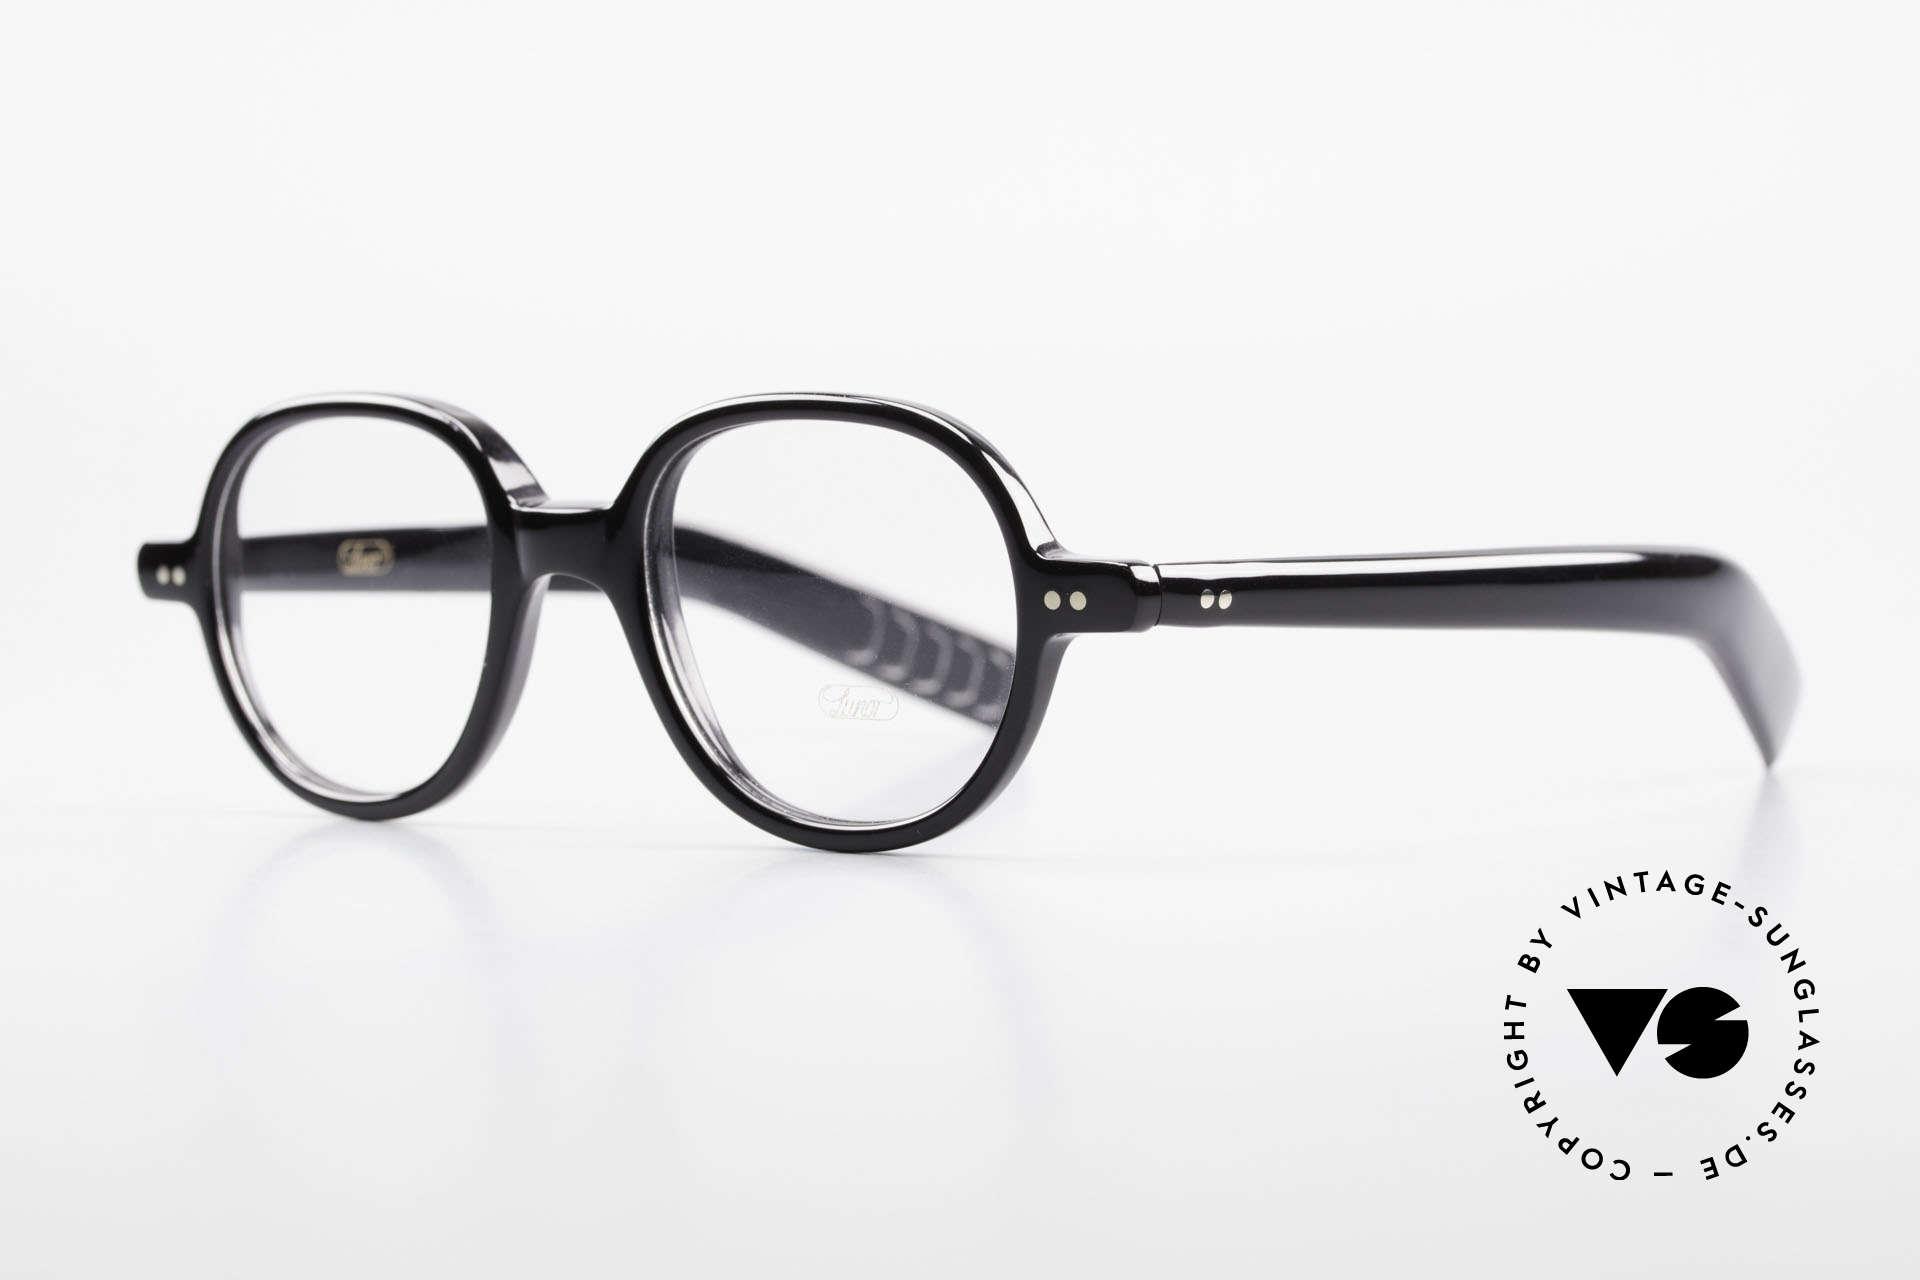 Lunor A50 Runde Lunor Acetatbrille Panto, rundliche Fassung im klassischen schwarzen Farbton, Passend für Herren und Damen